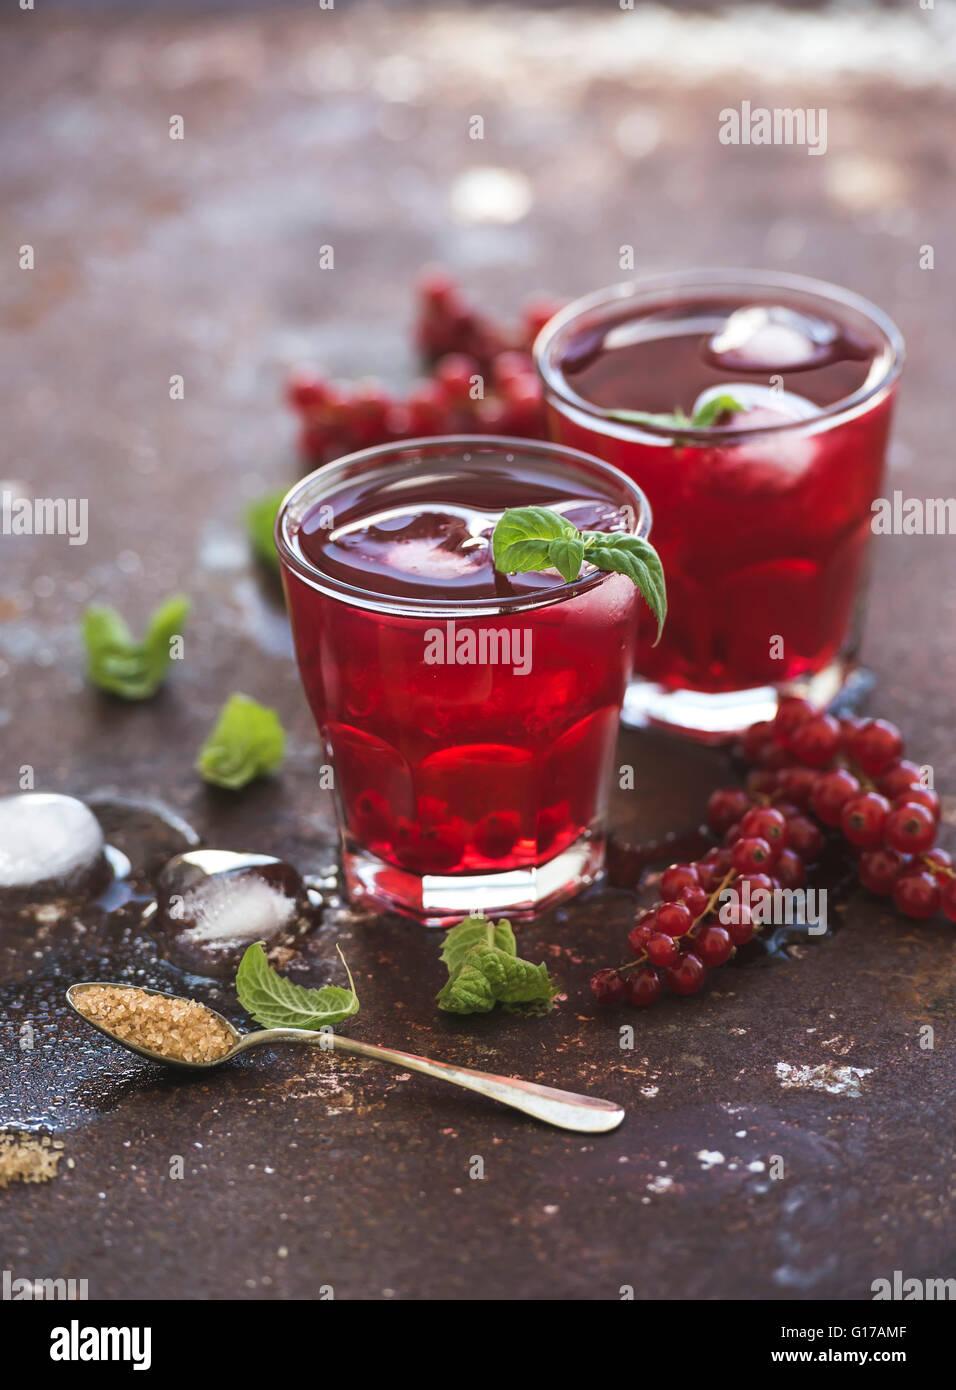 Baya roja limonada con hielo y menta en vintage metal oxidado backdround, enfoque selectivo Imagen De Stock